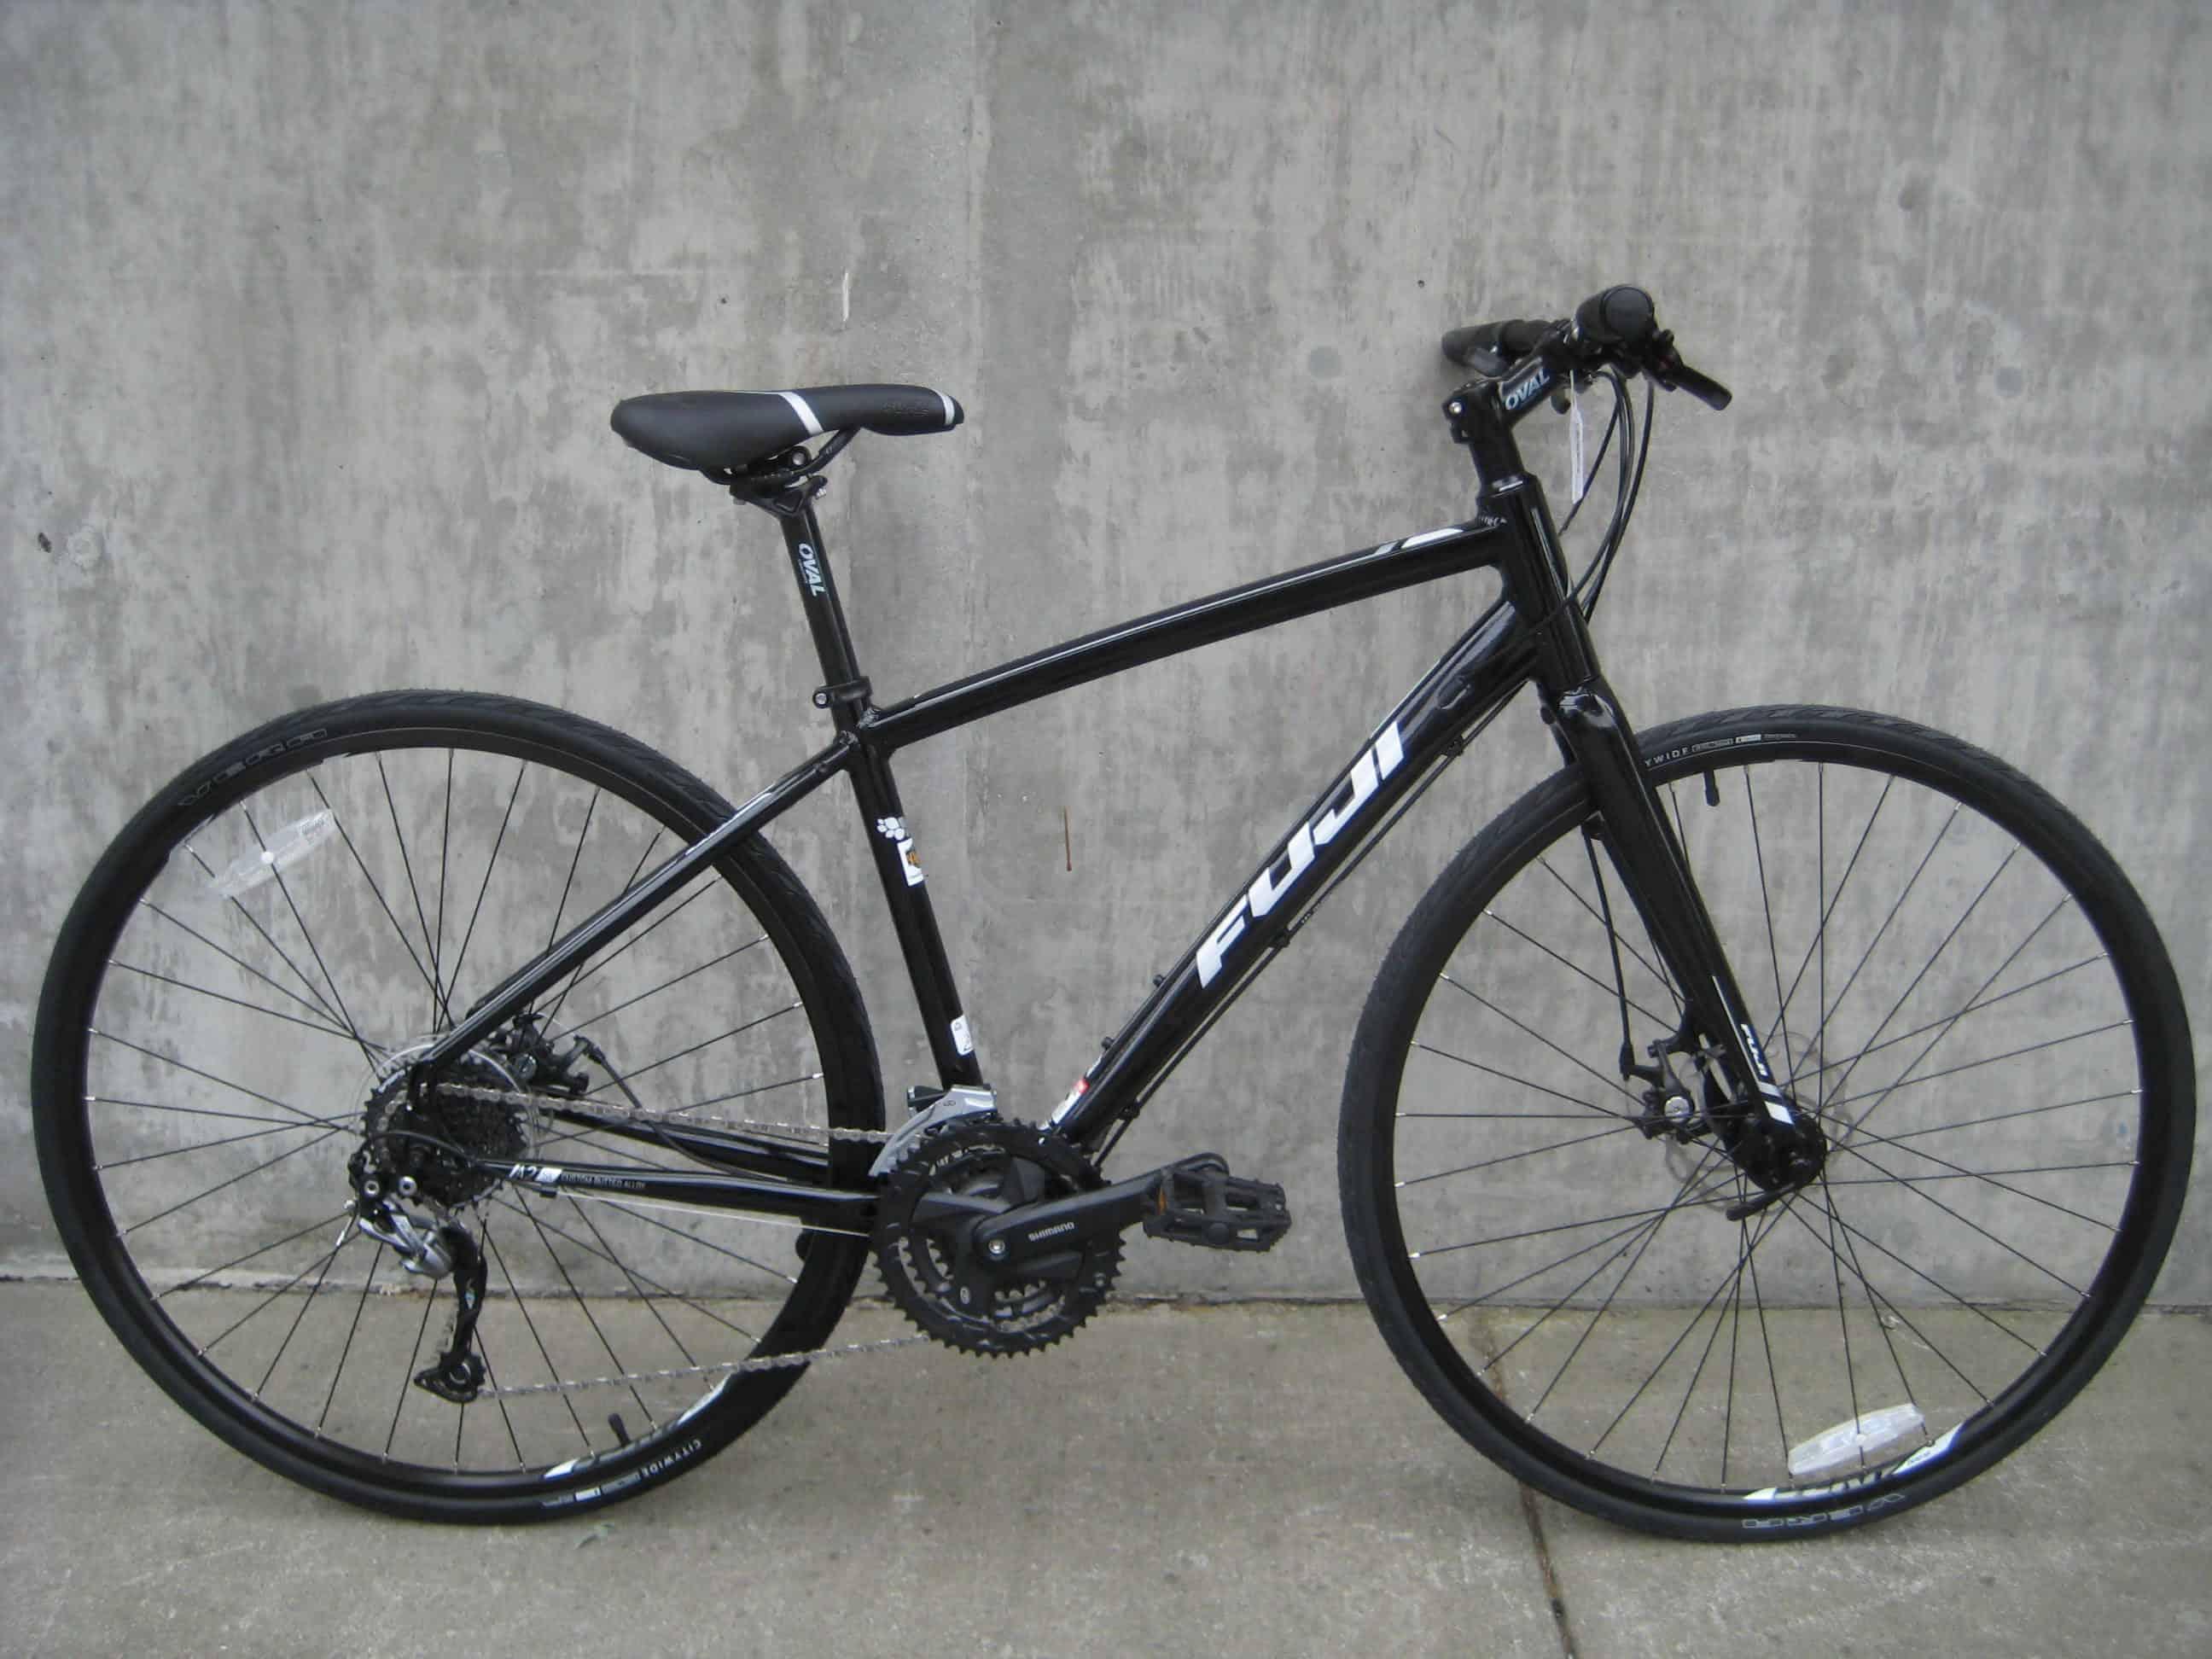 Fuji Absolute 1.9 – hybrid bike